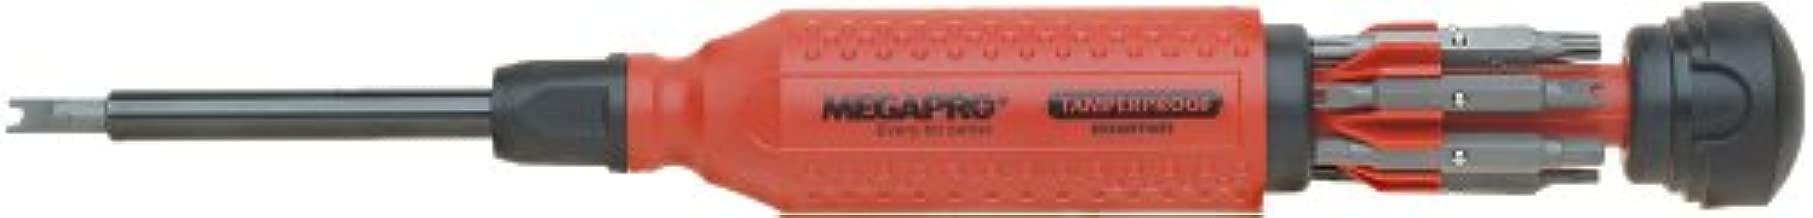 Megapro 151TP 15-In-1 Tamperproof Driver, Red/Black